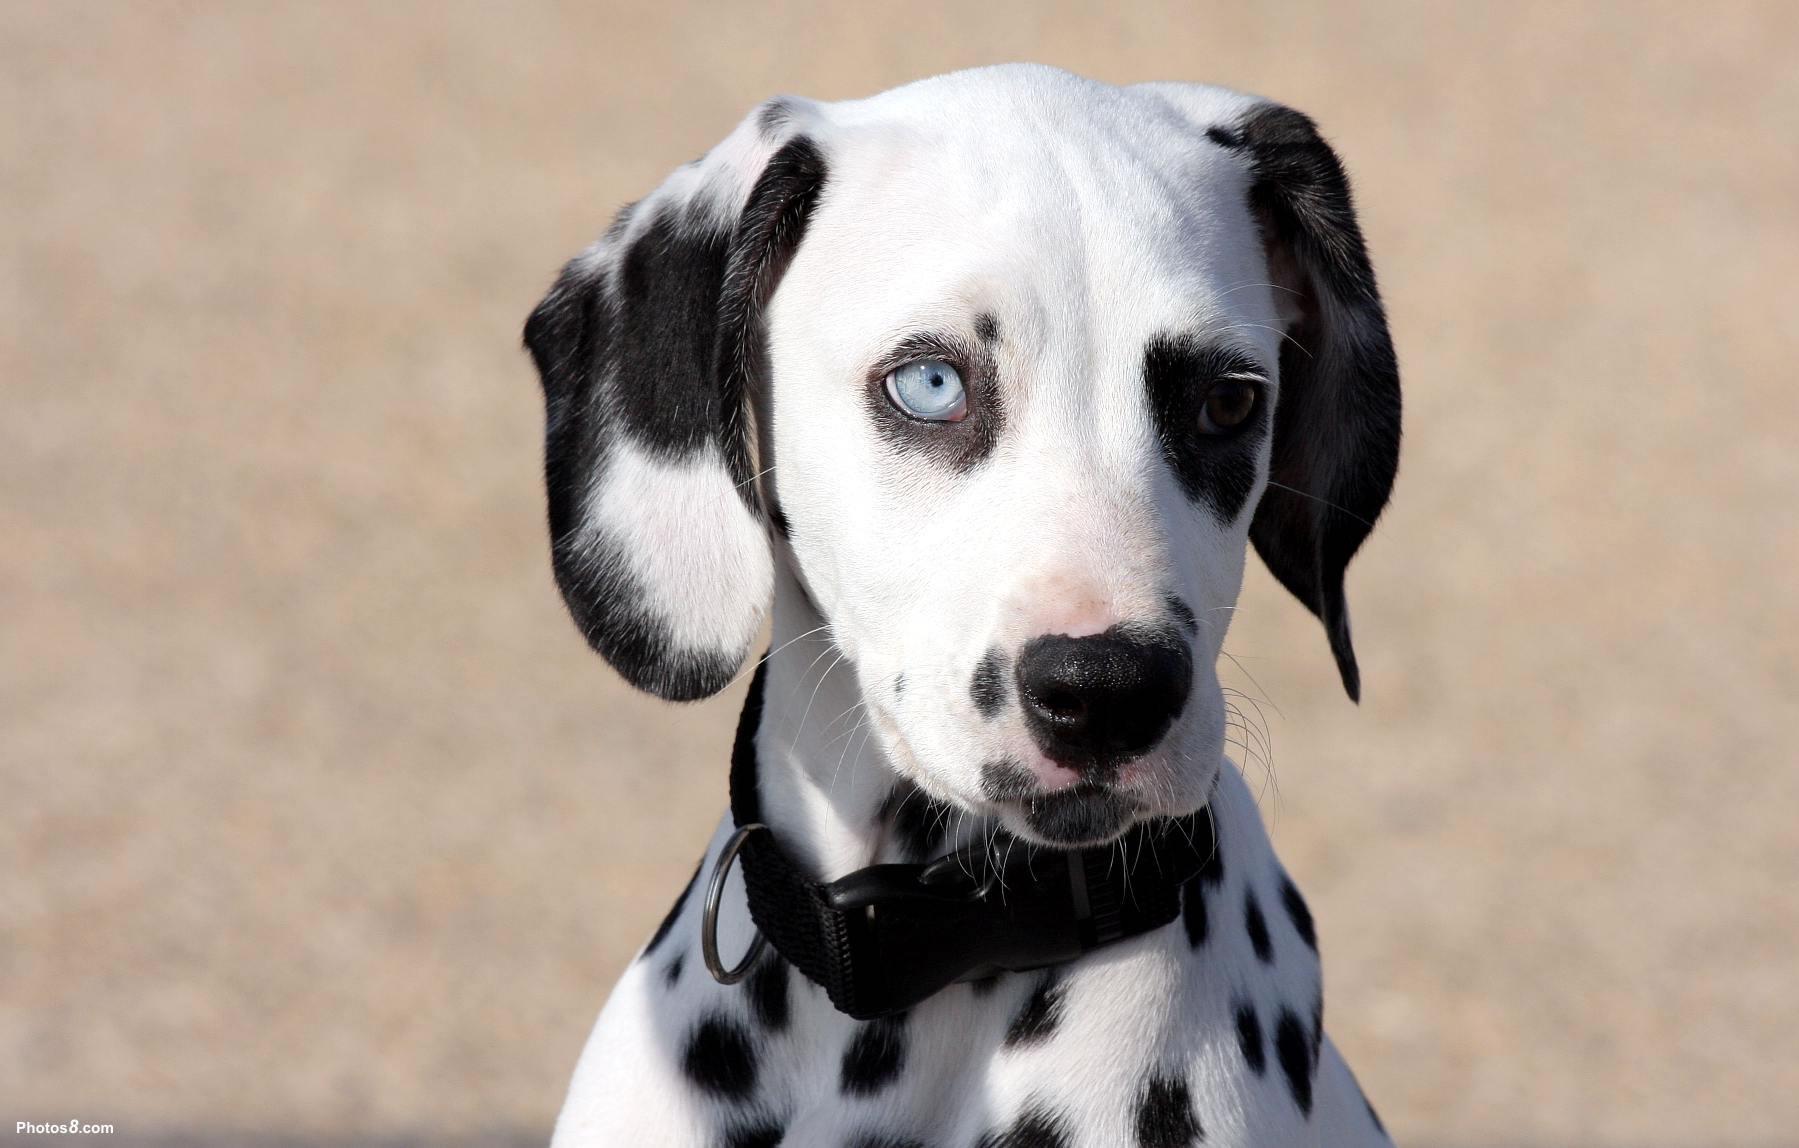 Dalmatian with heterochromia - My Doggy Rocks